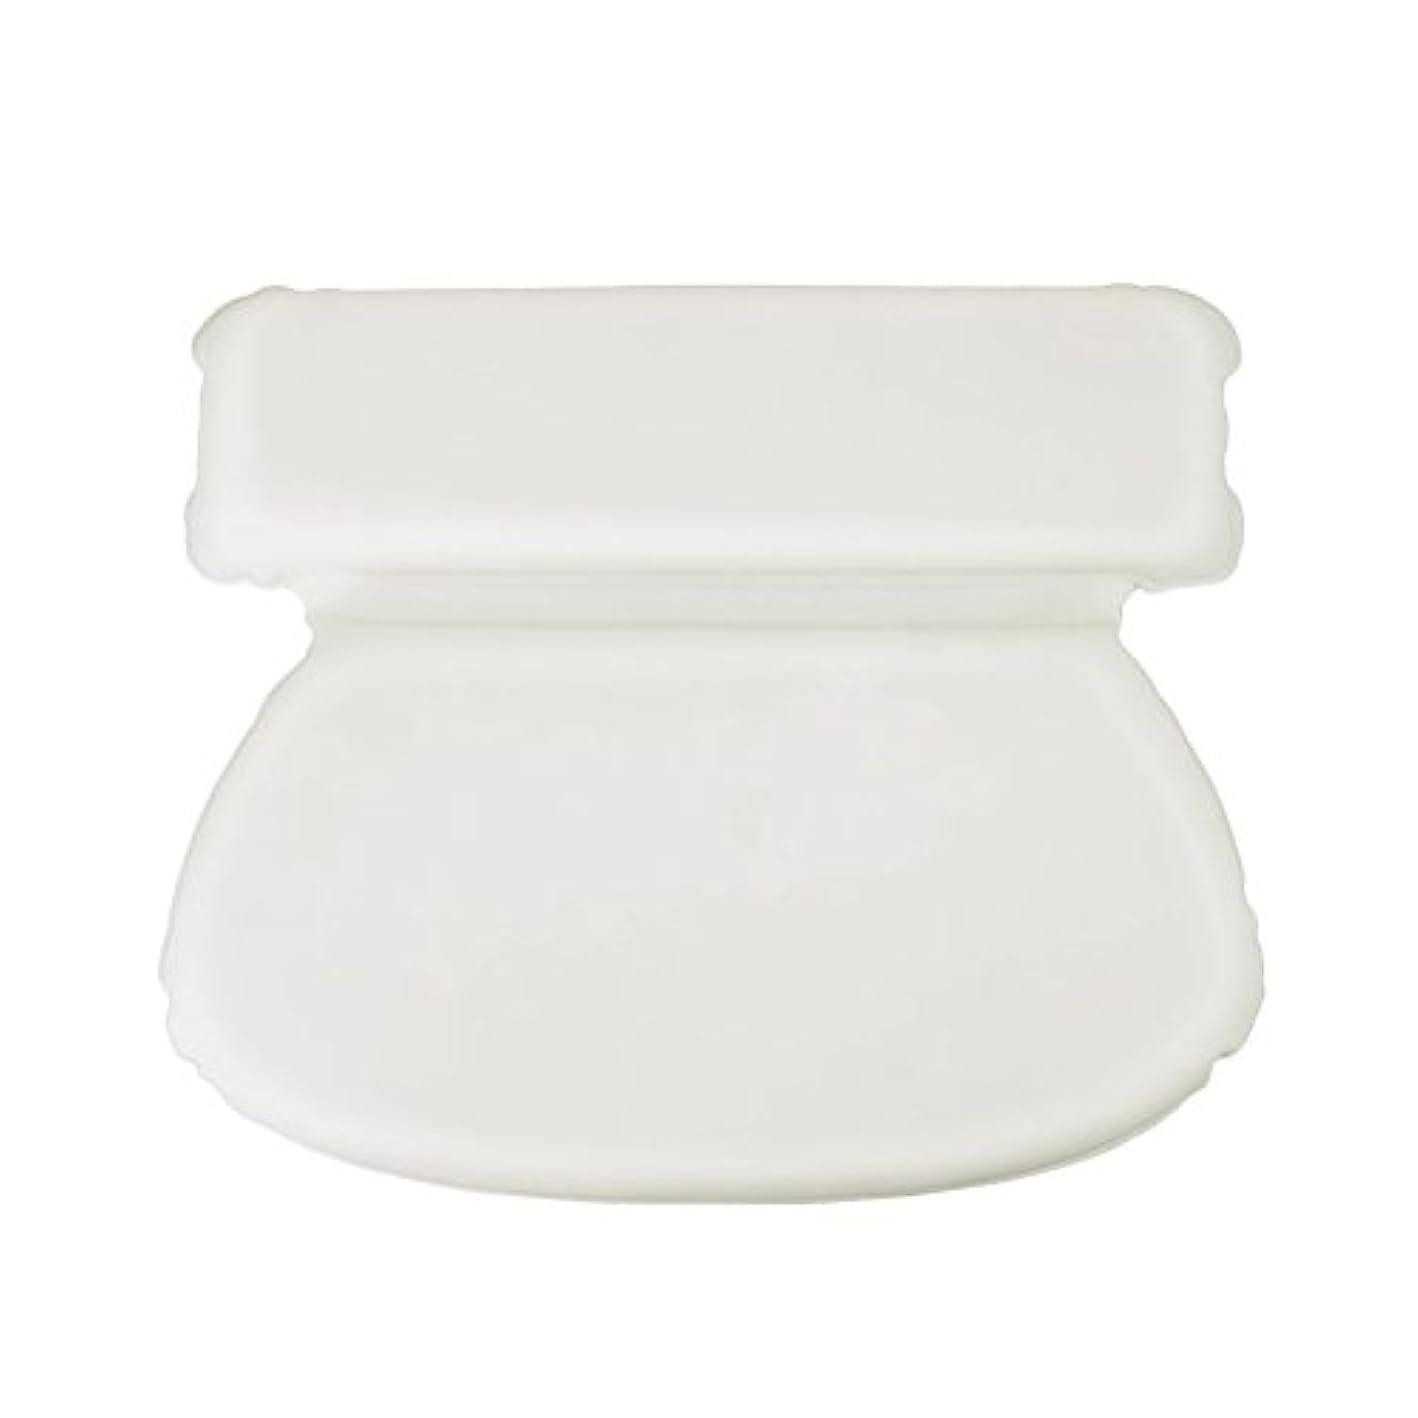 ピニオン恐れるおもちゃLurrose スポンジ浴槽枕吸引バス枕スパヘッドレストアクセサリー用浴室トイレ